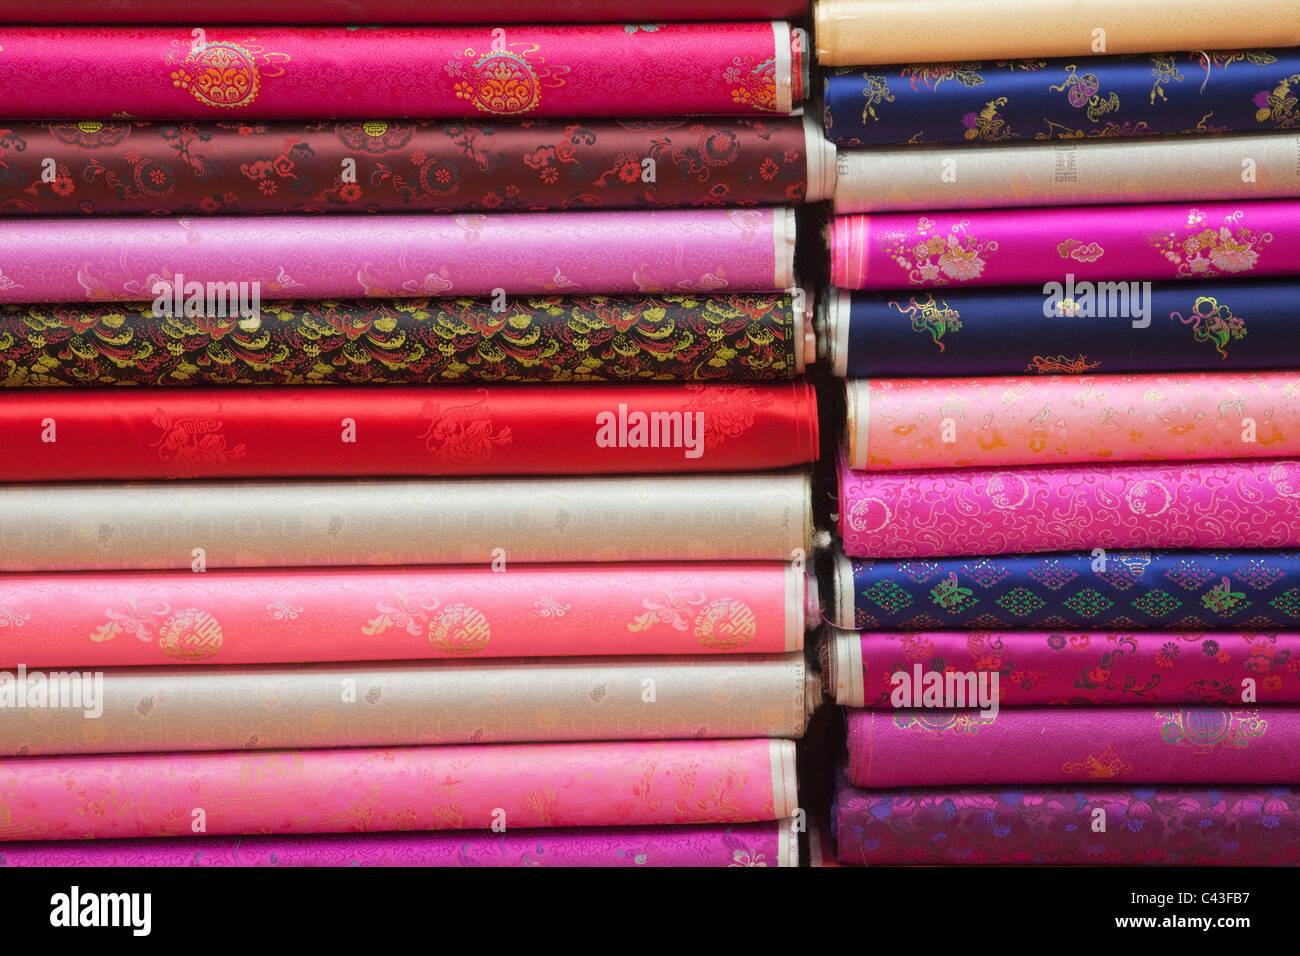 Asia, Corea, Seoul, il Mercato di Dongdaemun, negozio di tessuti, tessuto, materiale, seta, sete, Shop, negozi, mercati, mercati, turismo, tra Foto Stock